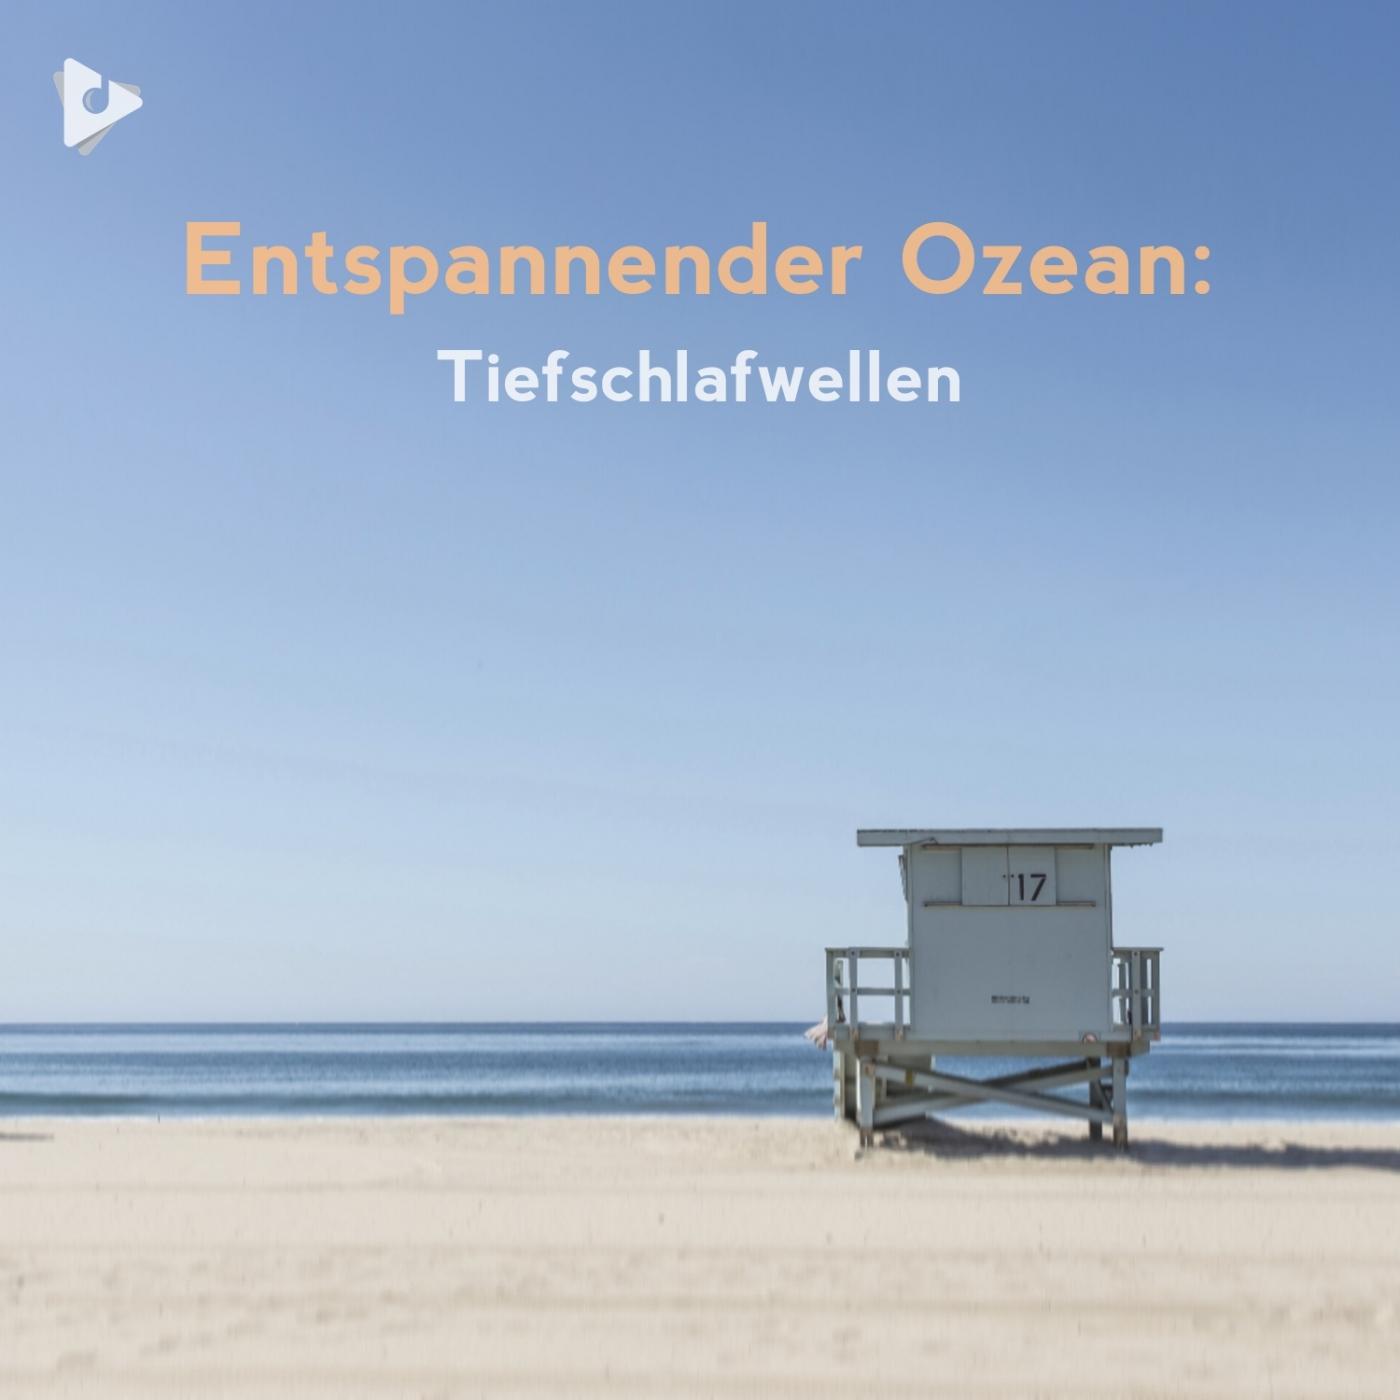 Entspannender Ozean: Tiefschlafwellen